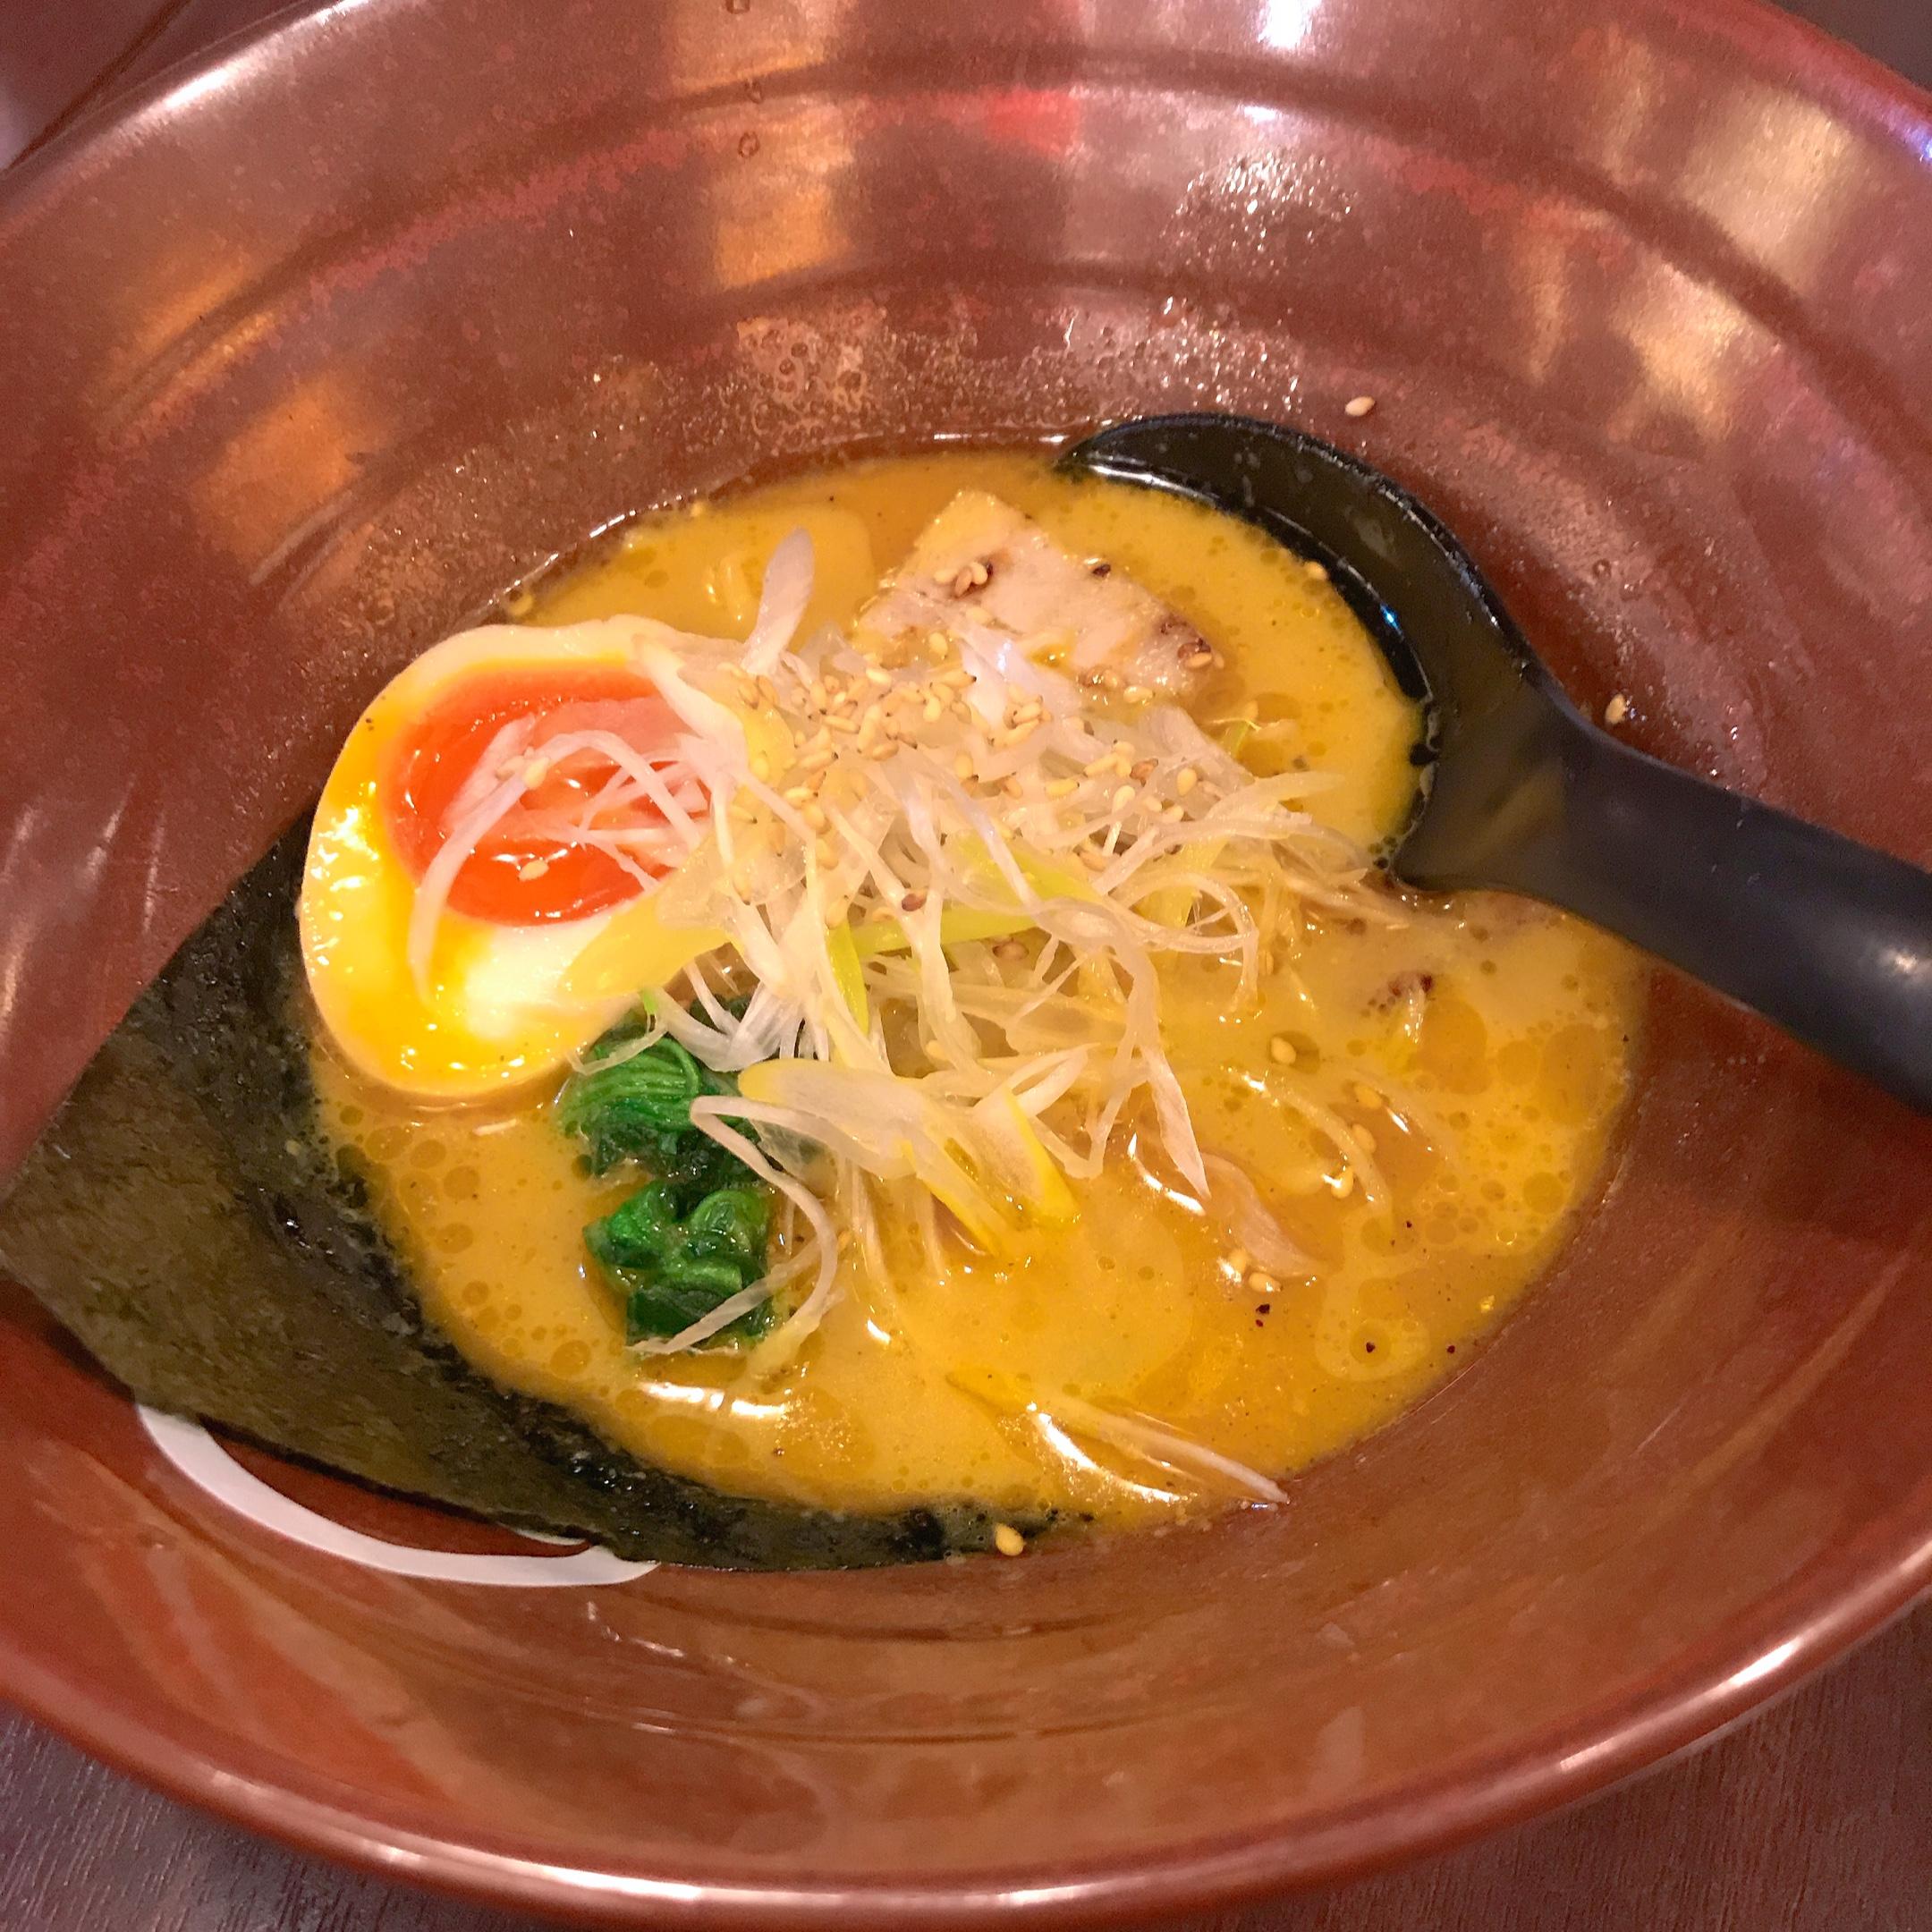 Curry ramen at Shuichi.